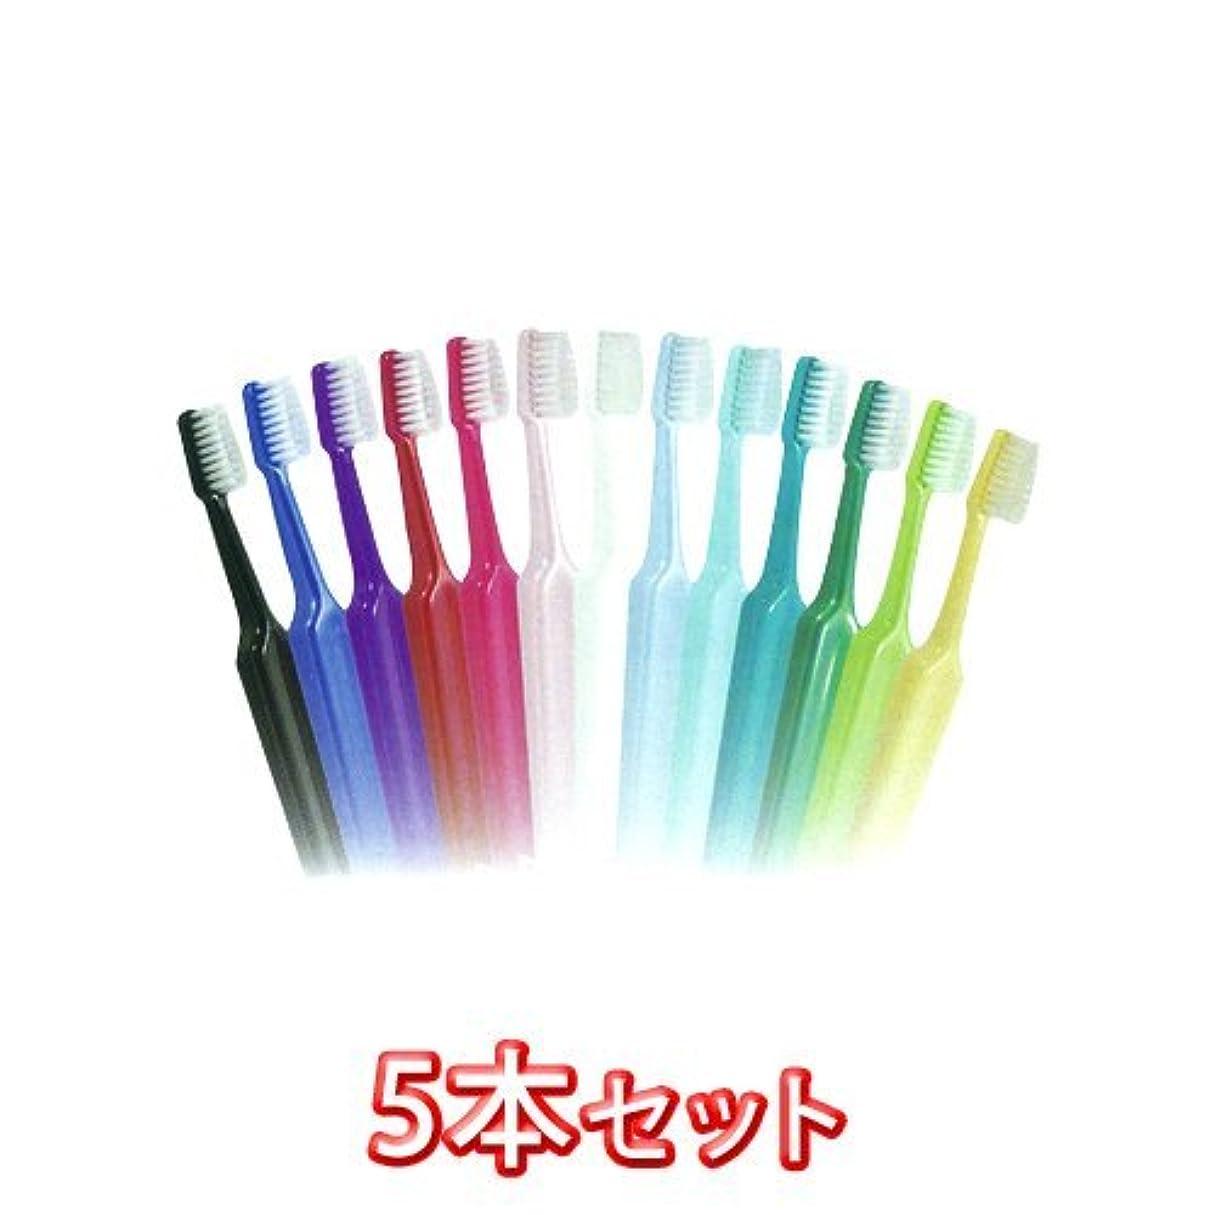 避ける長さ二度クロスフィールド TePe テペセレクトコンパクト 歯ブラシ × 5本入 コンパクトソフト